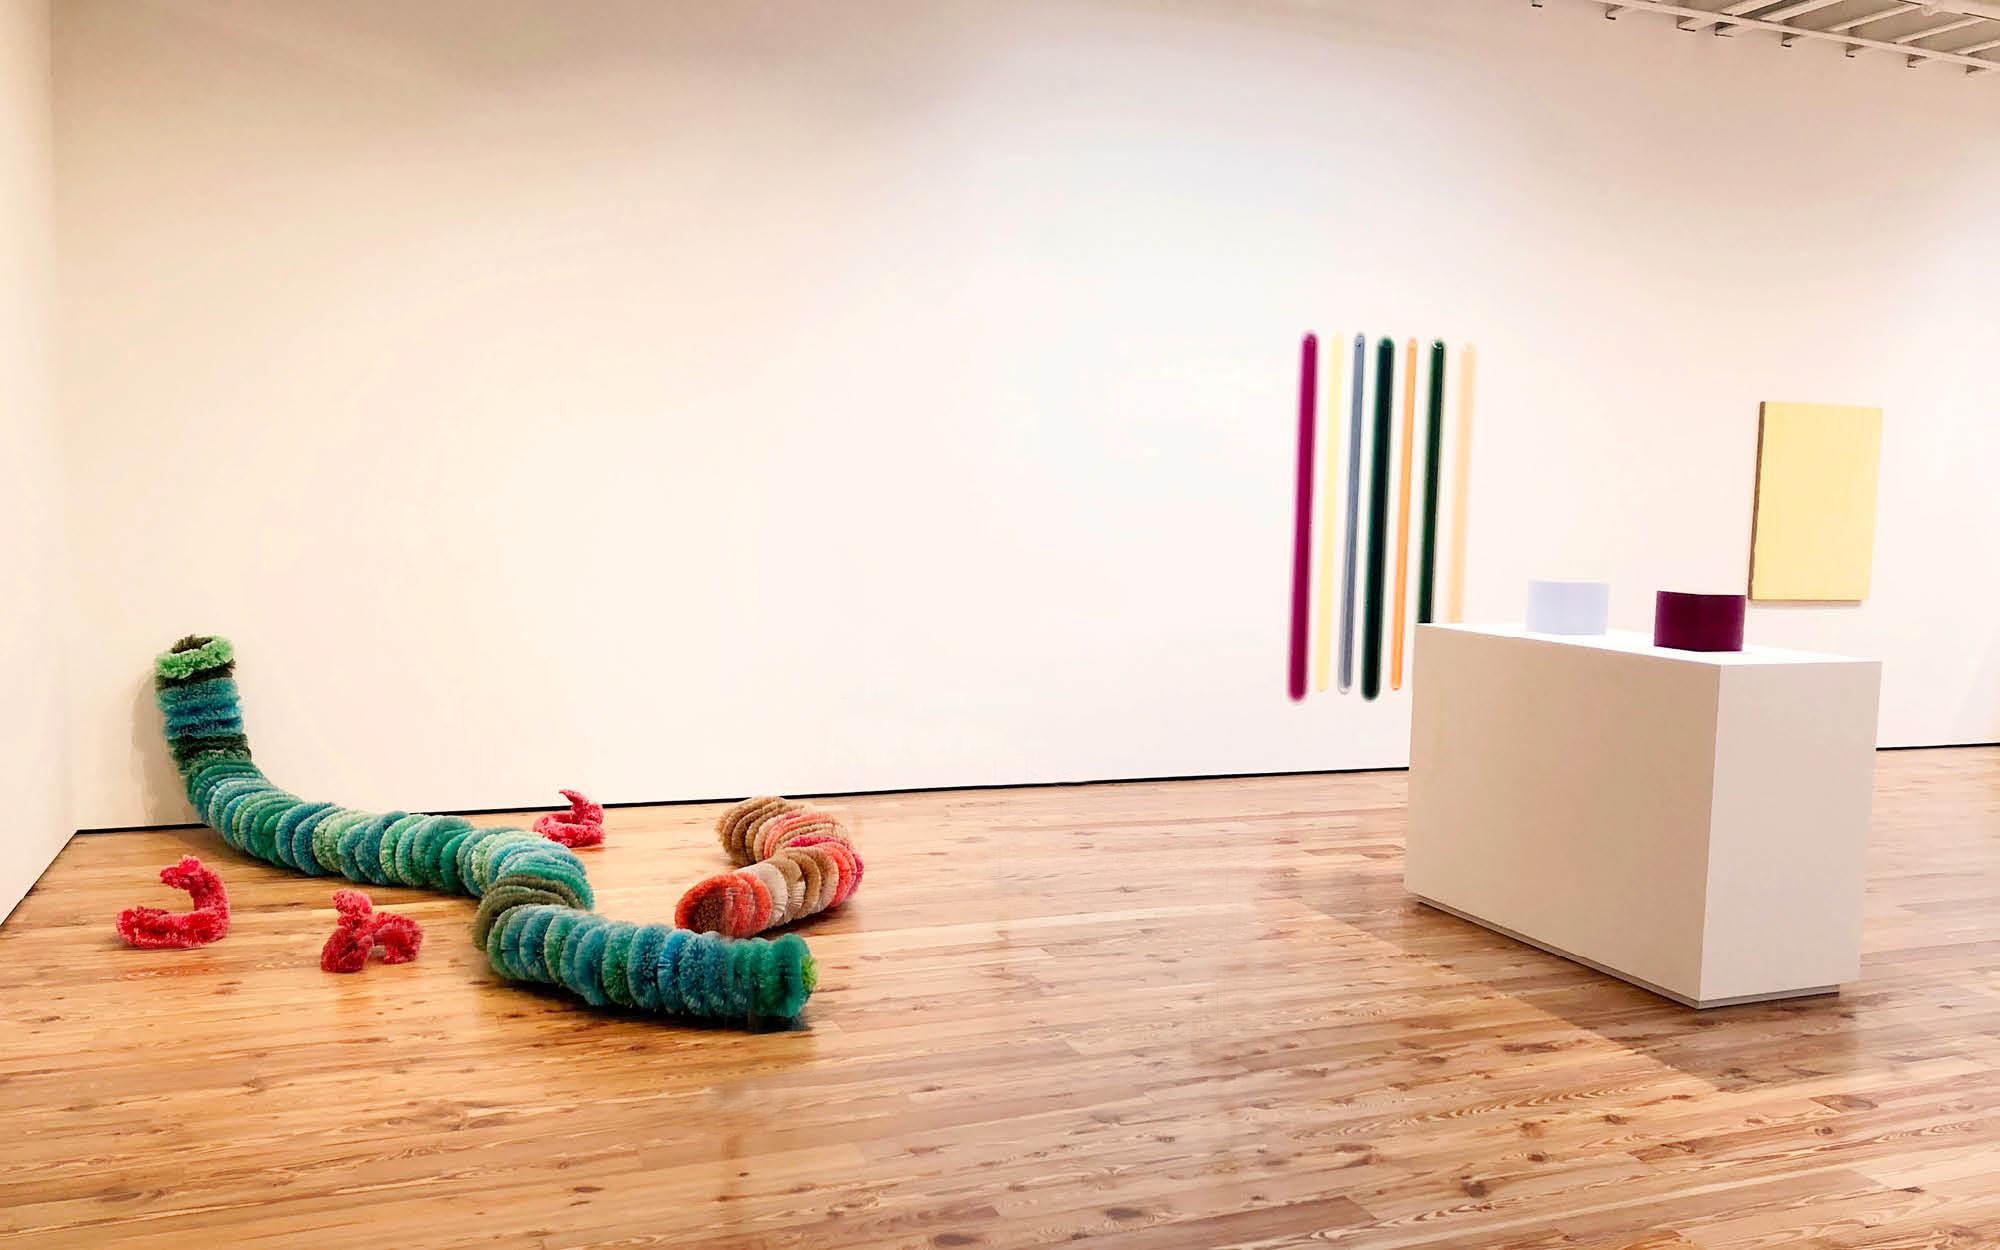 John & Charlotte Suhler Gallery at Sarasota Art Museum